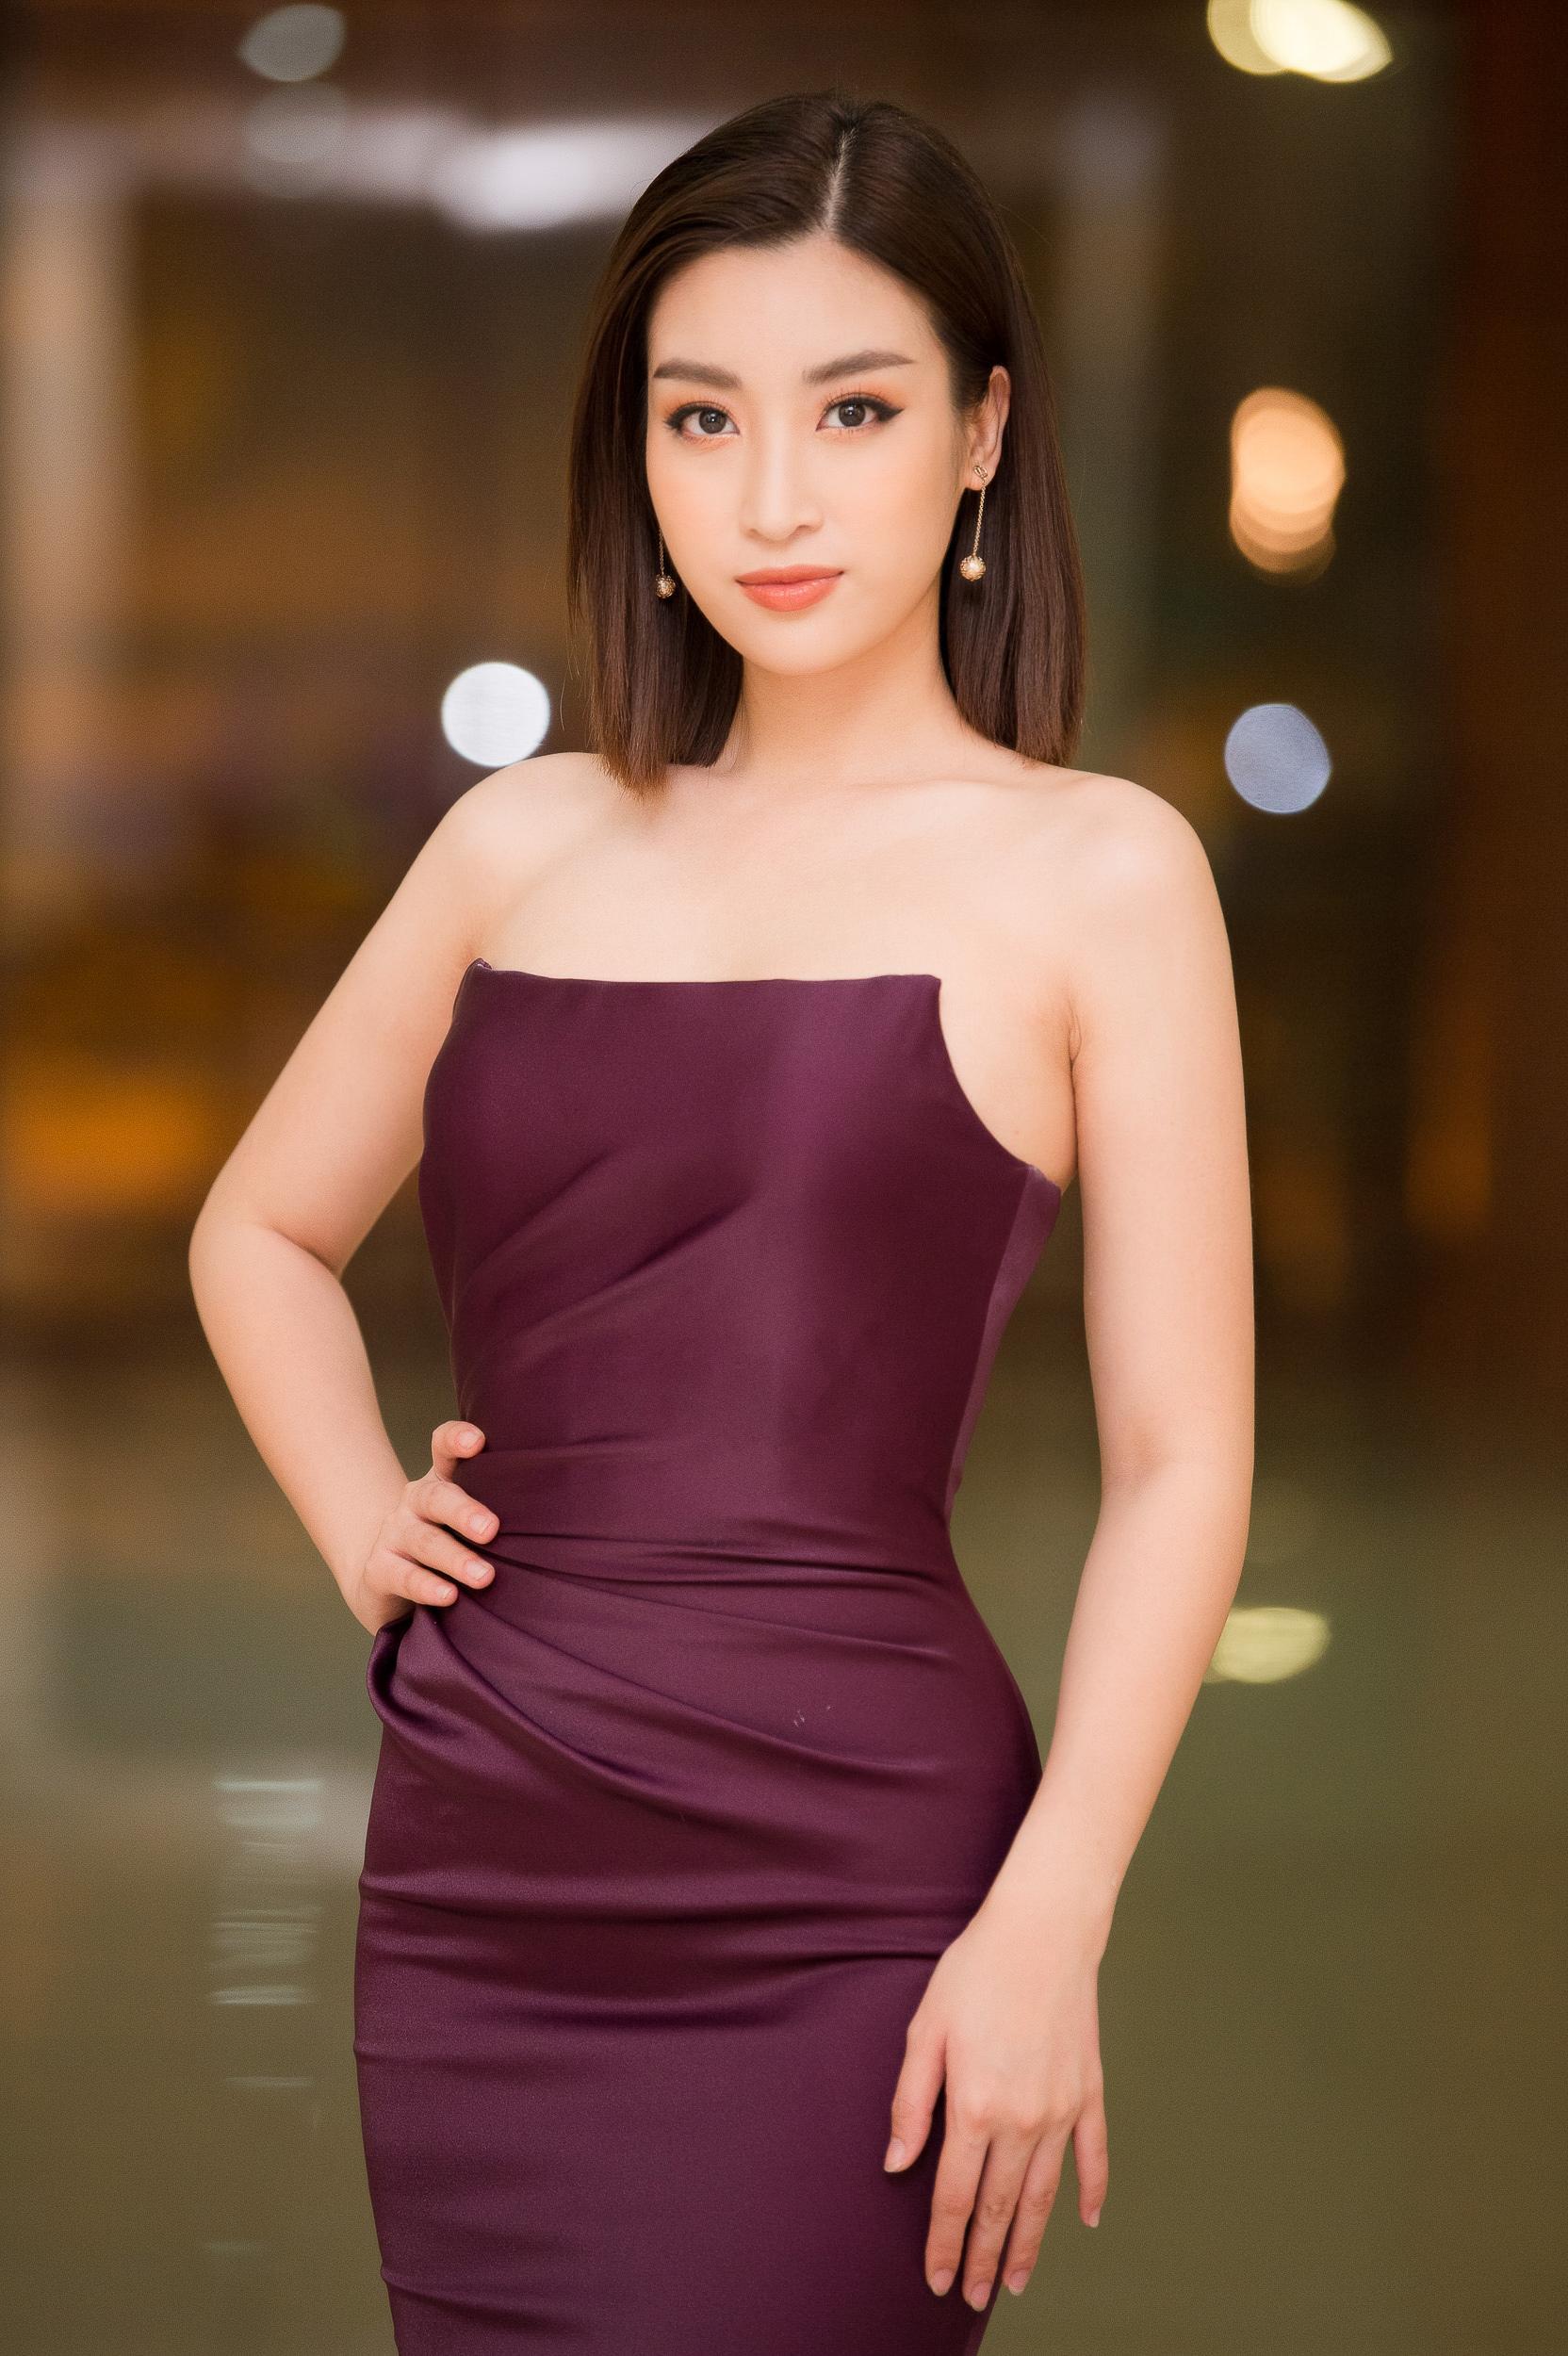 Hoa hậu Đỗ Mỹ Linh mê hoặc mọi ánh nhìn nhờ body như nữ thần và nhan sắc tinh khiết Ảnh 1